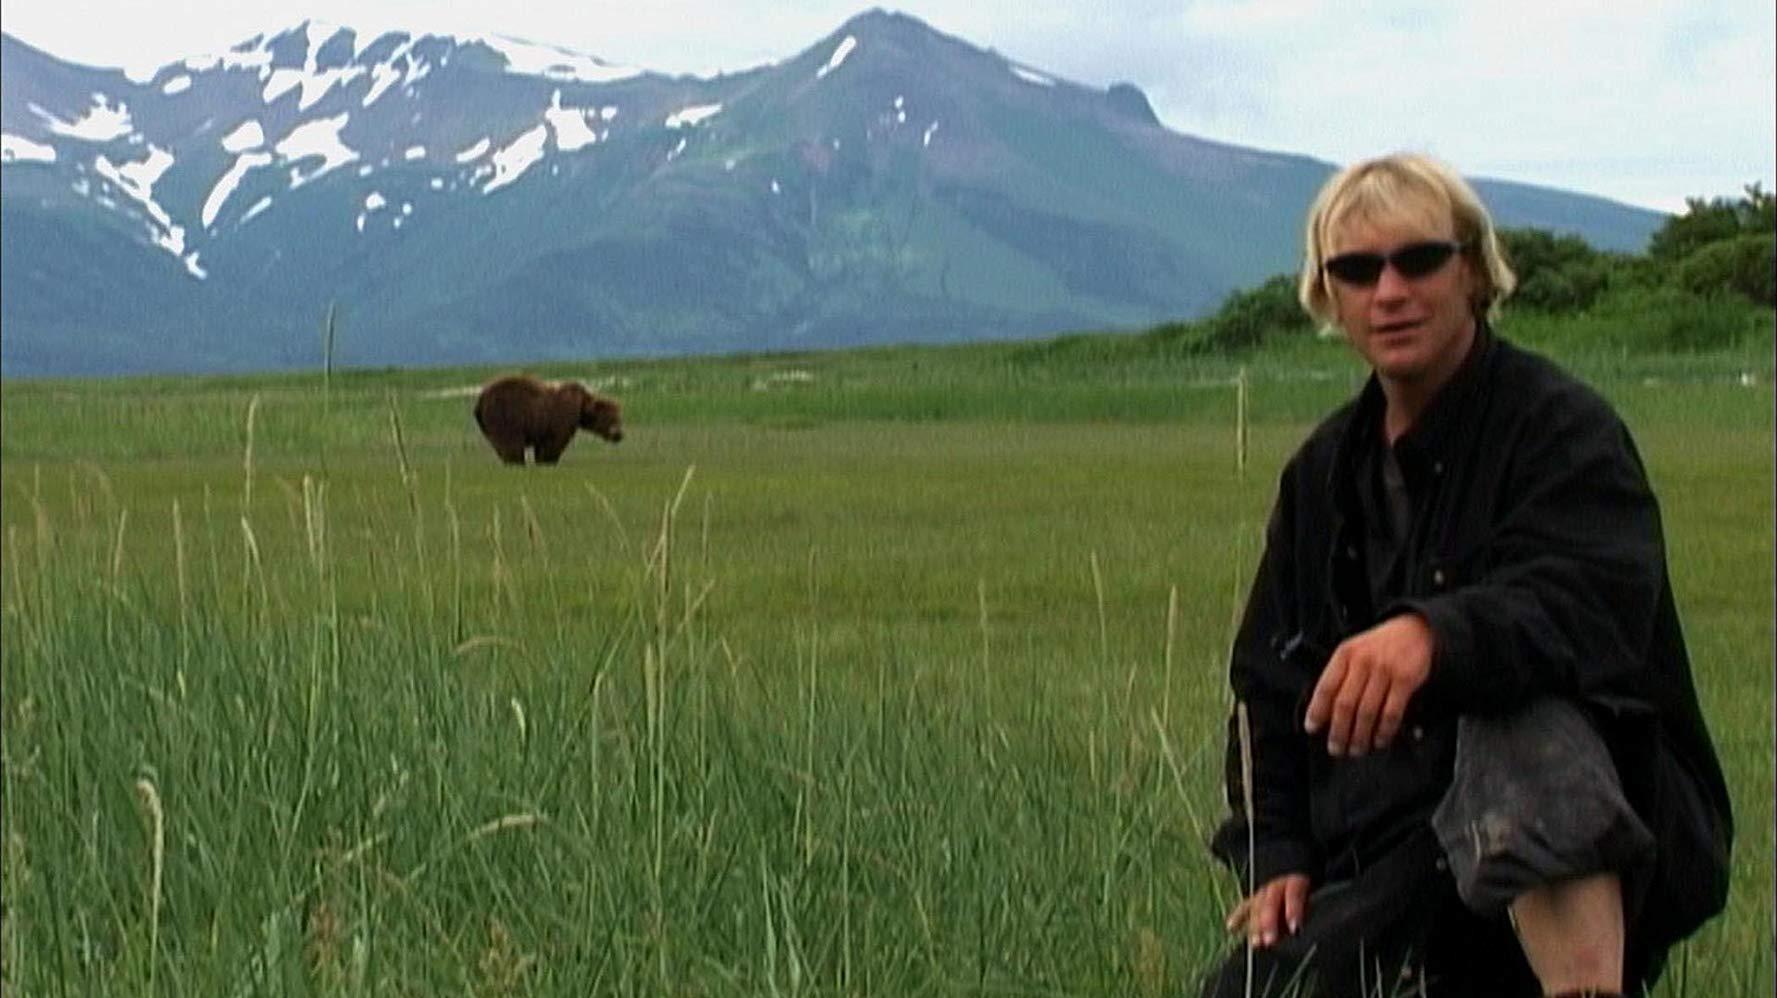 مشاهدة فيلم Grizzly Man 2005 HD مترجم كامل اون لاين